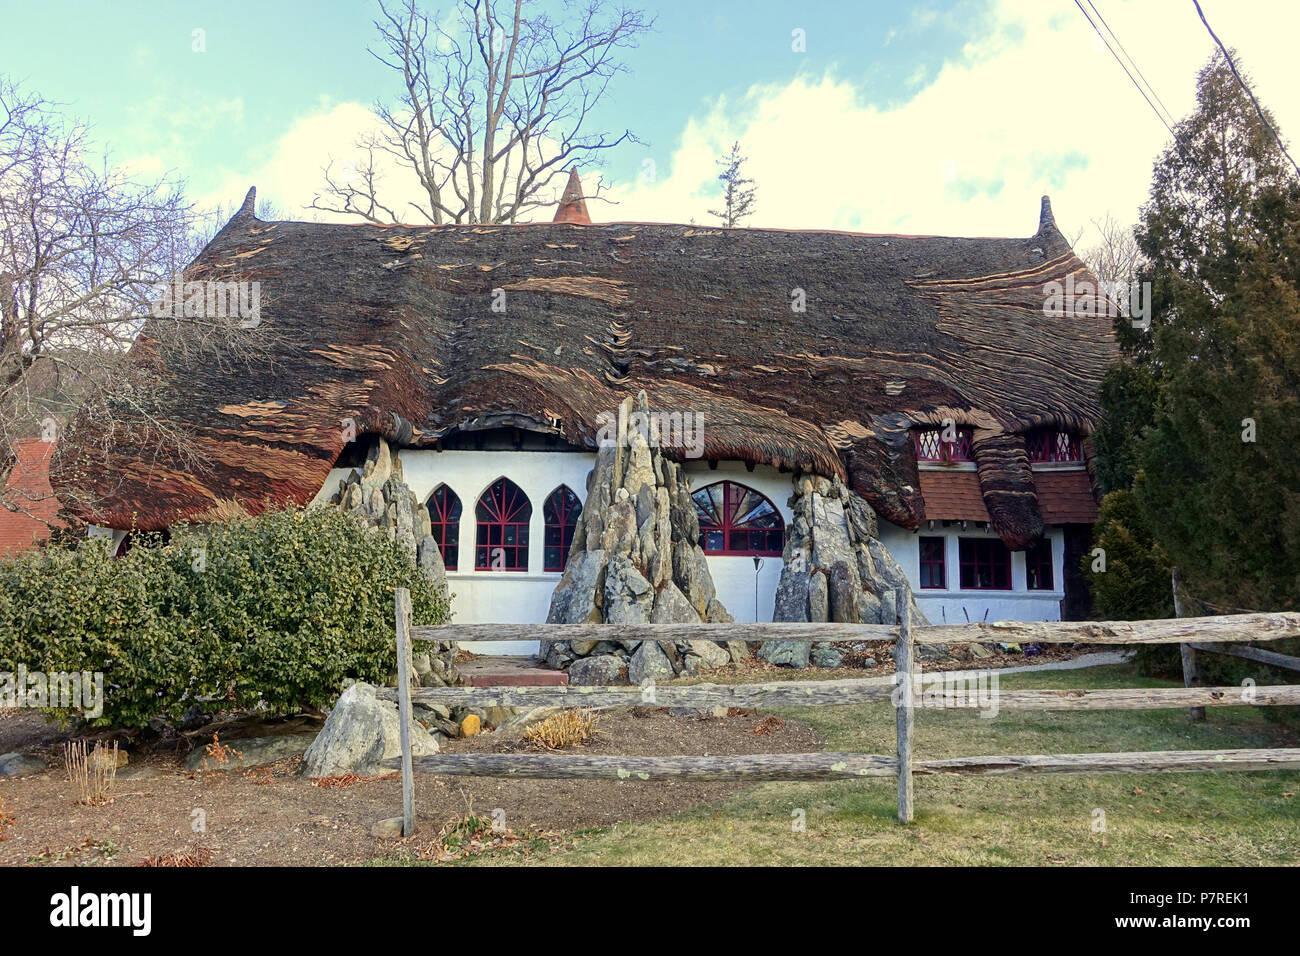 Inglés: - Tyringham Santarella, Massachusetts. Creado por el escultor Henry Hudson Kitson (1863-1947) como su hogar y estudio. El 15 de enero de 2017, 11:58:31 340 - Tyringham Santarella, MA - DSC07301 Foto de stock